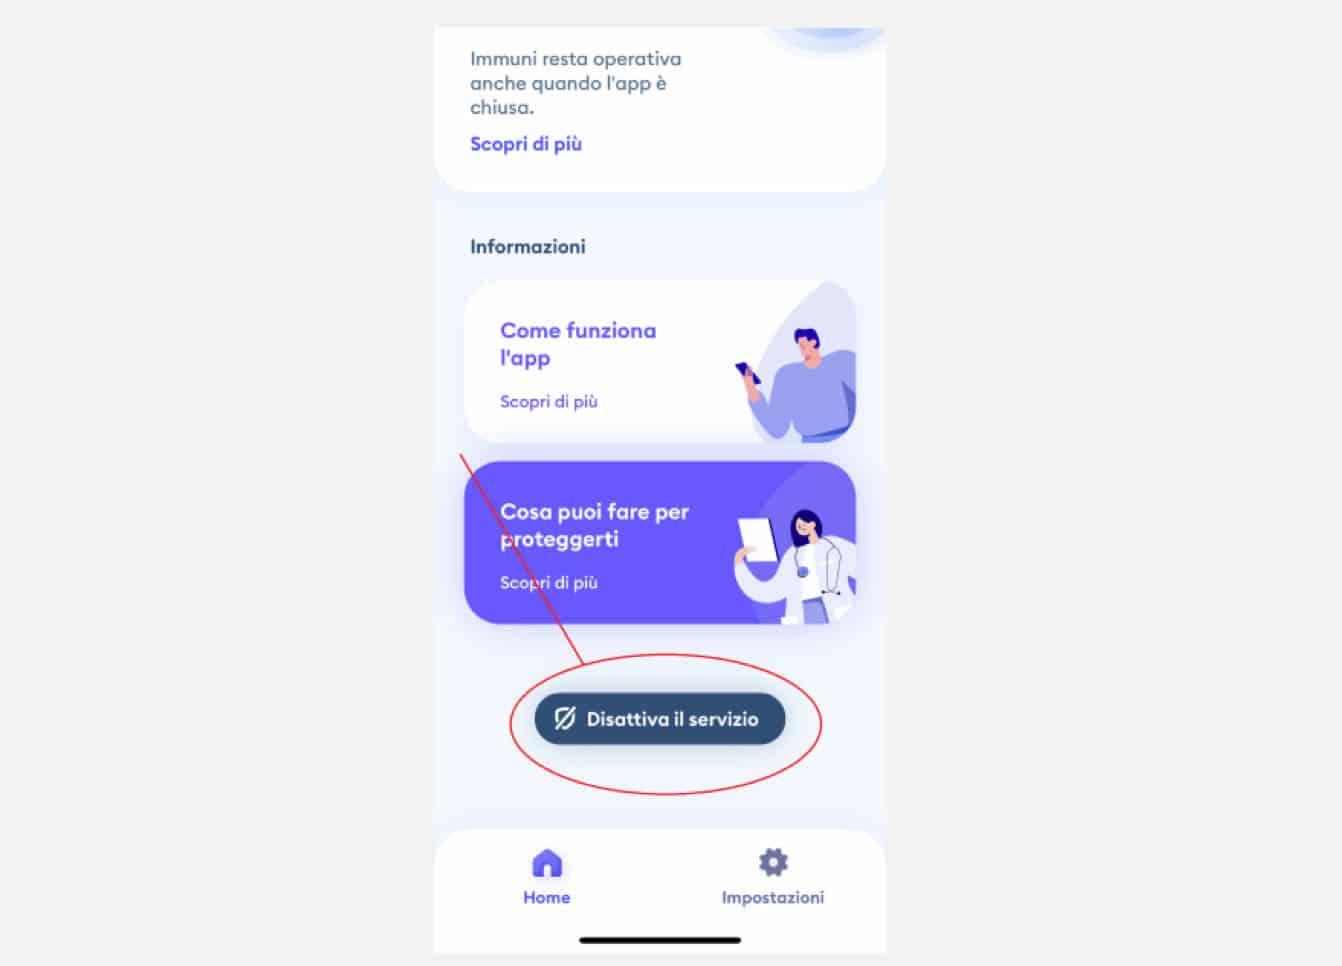 opzione Disattiva servizio app Immuni